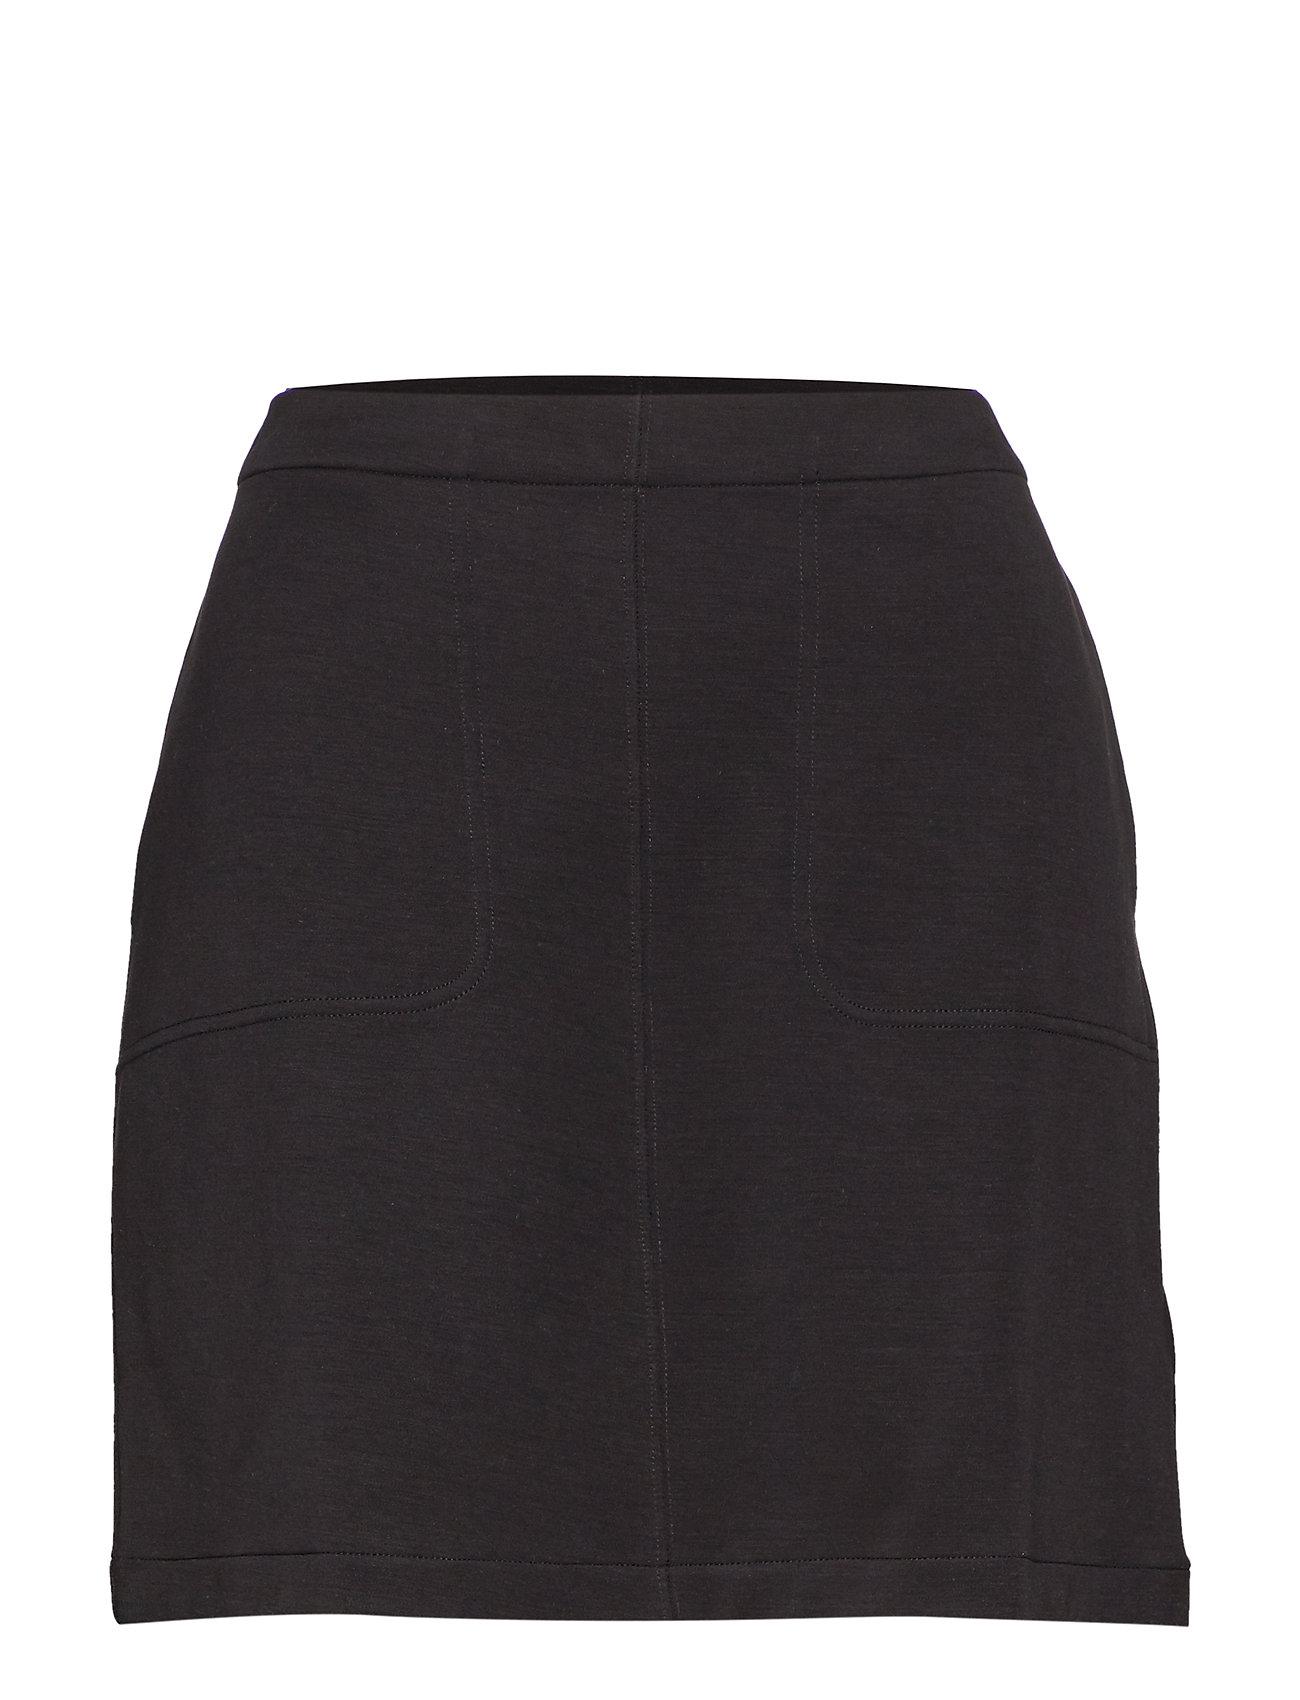 6970fe4e Double Face Pocket Skirt (Black) (585 kr) - Filippa K - | Boozt.com